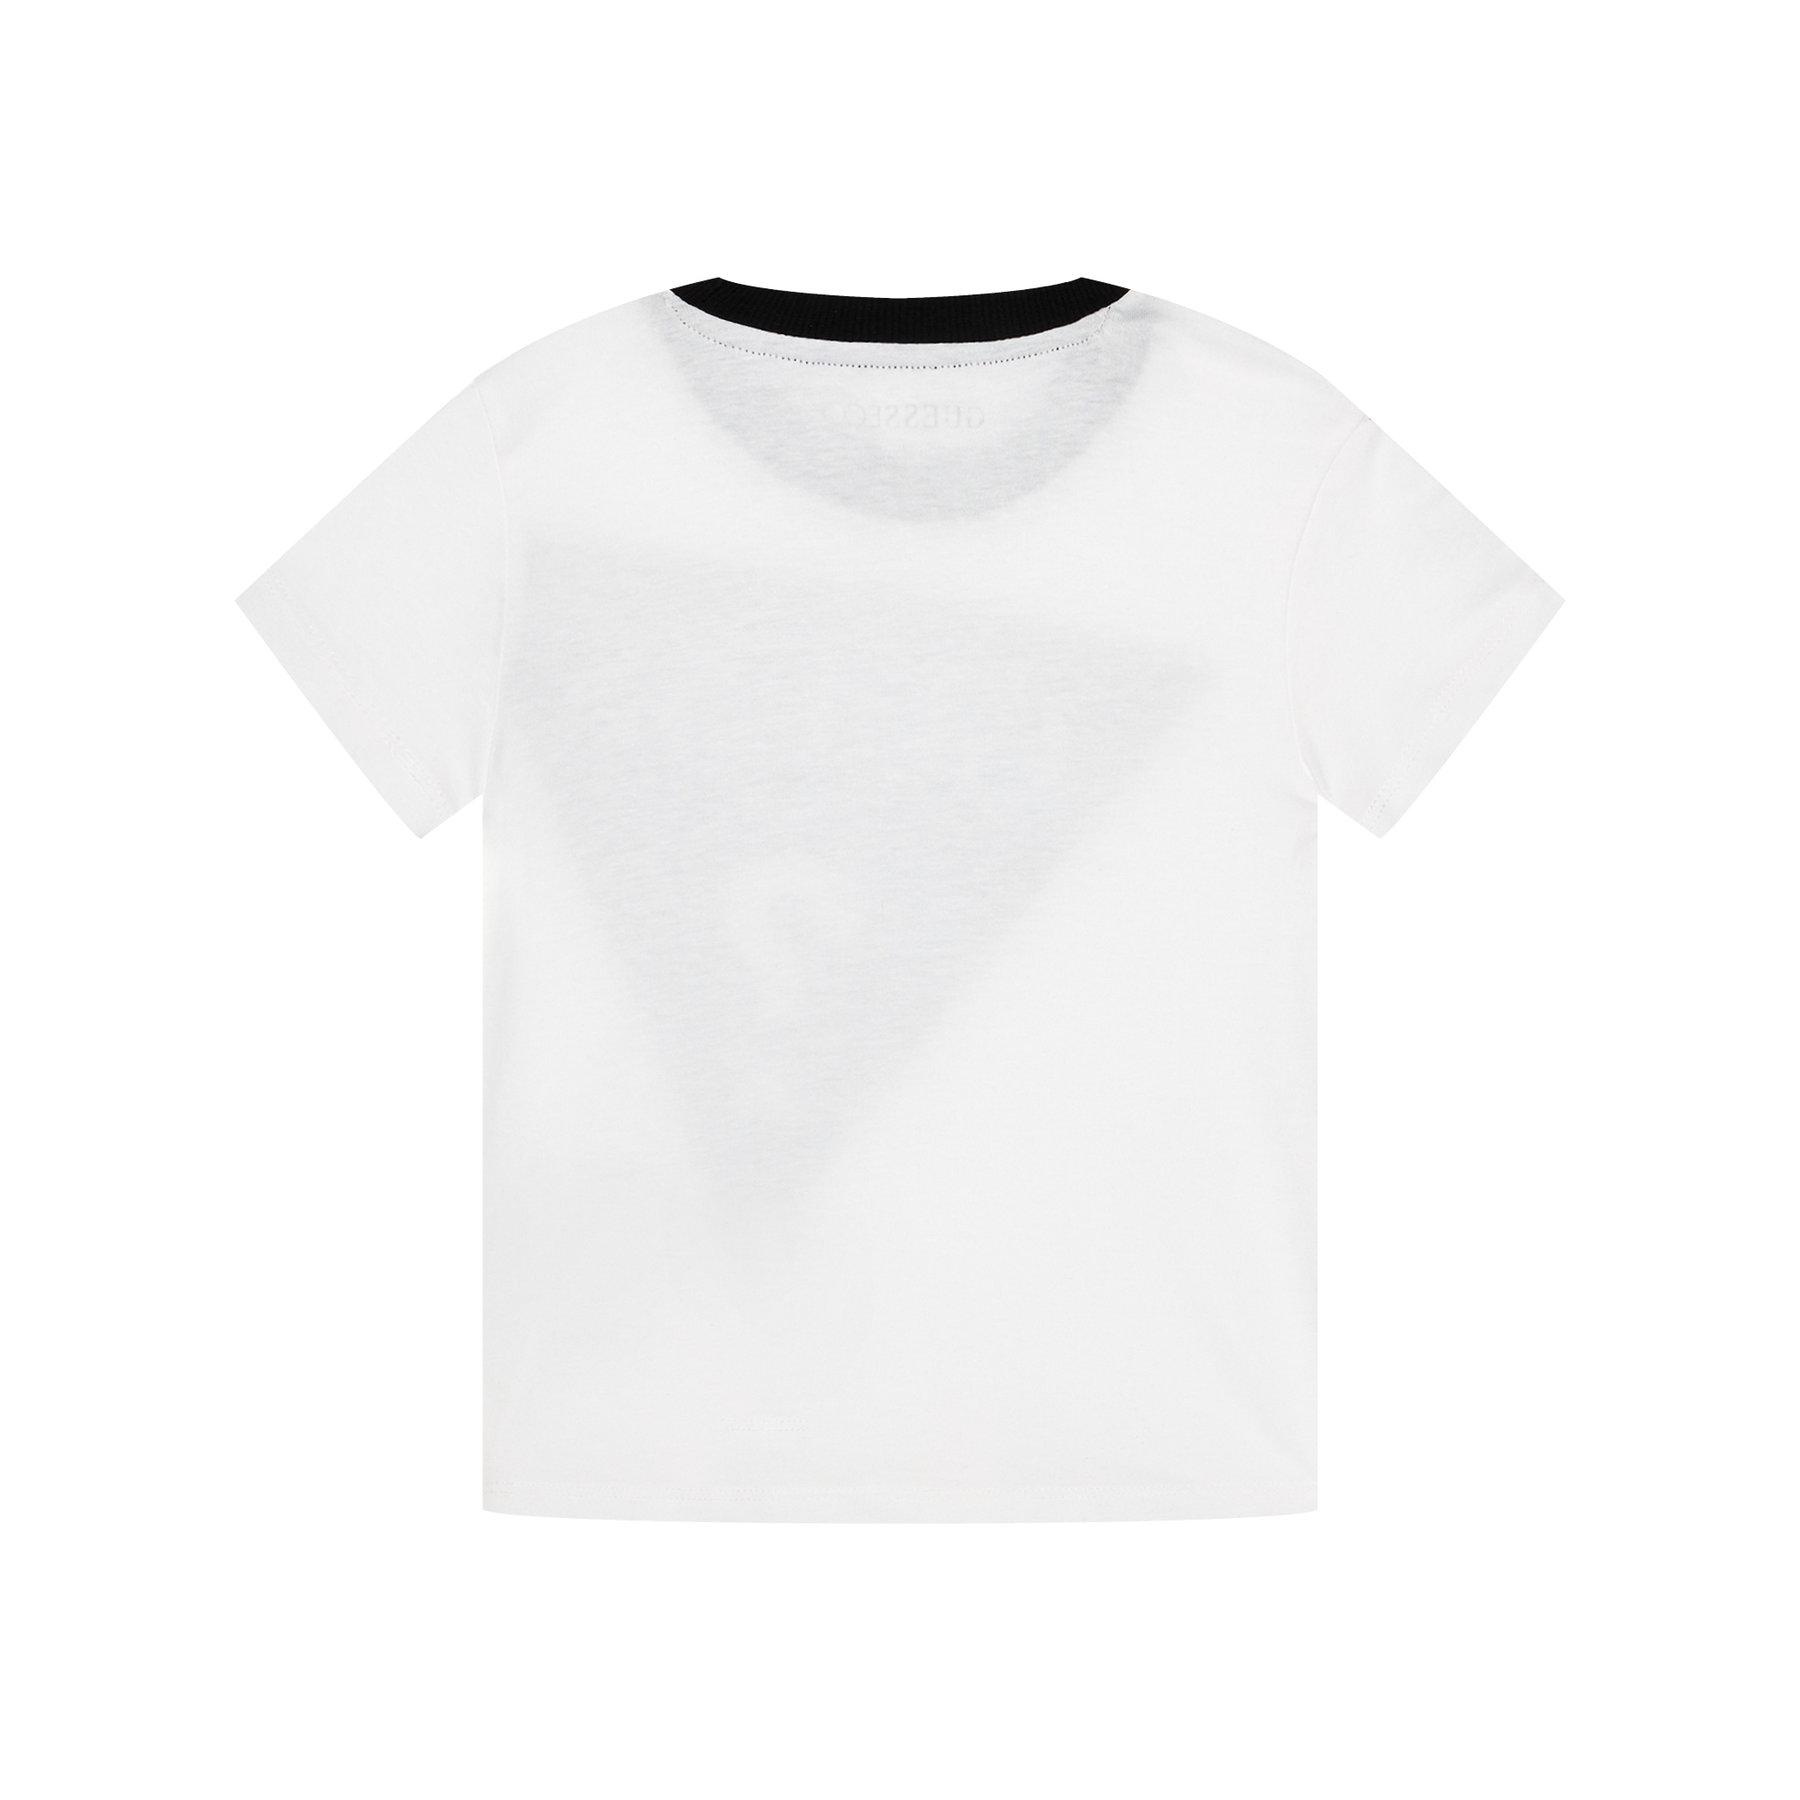 T-SHIRT GUESS GUESS | T-shirt m/m | L0YI25JBLK